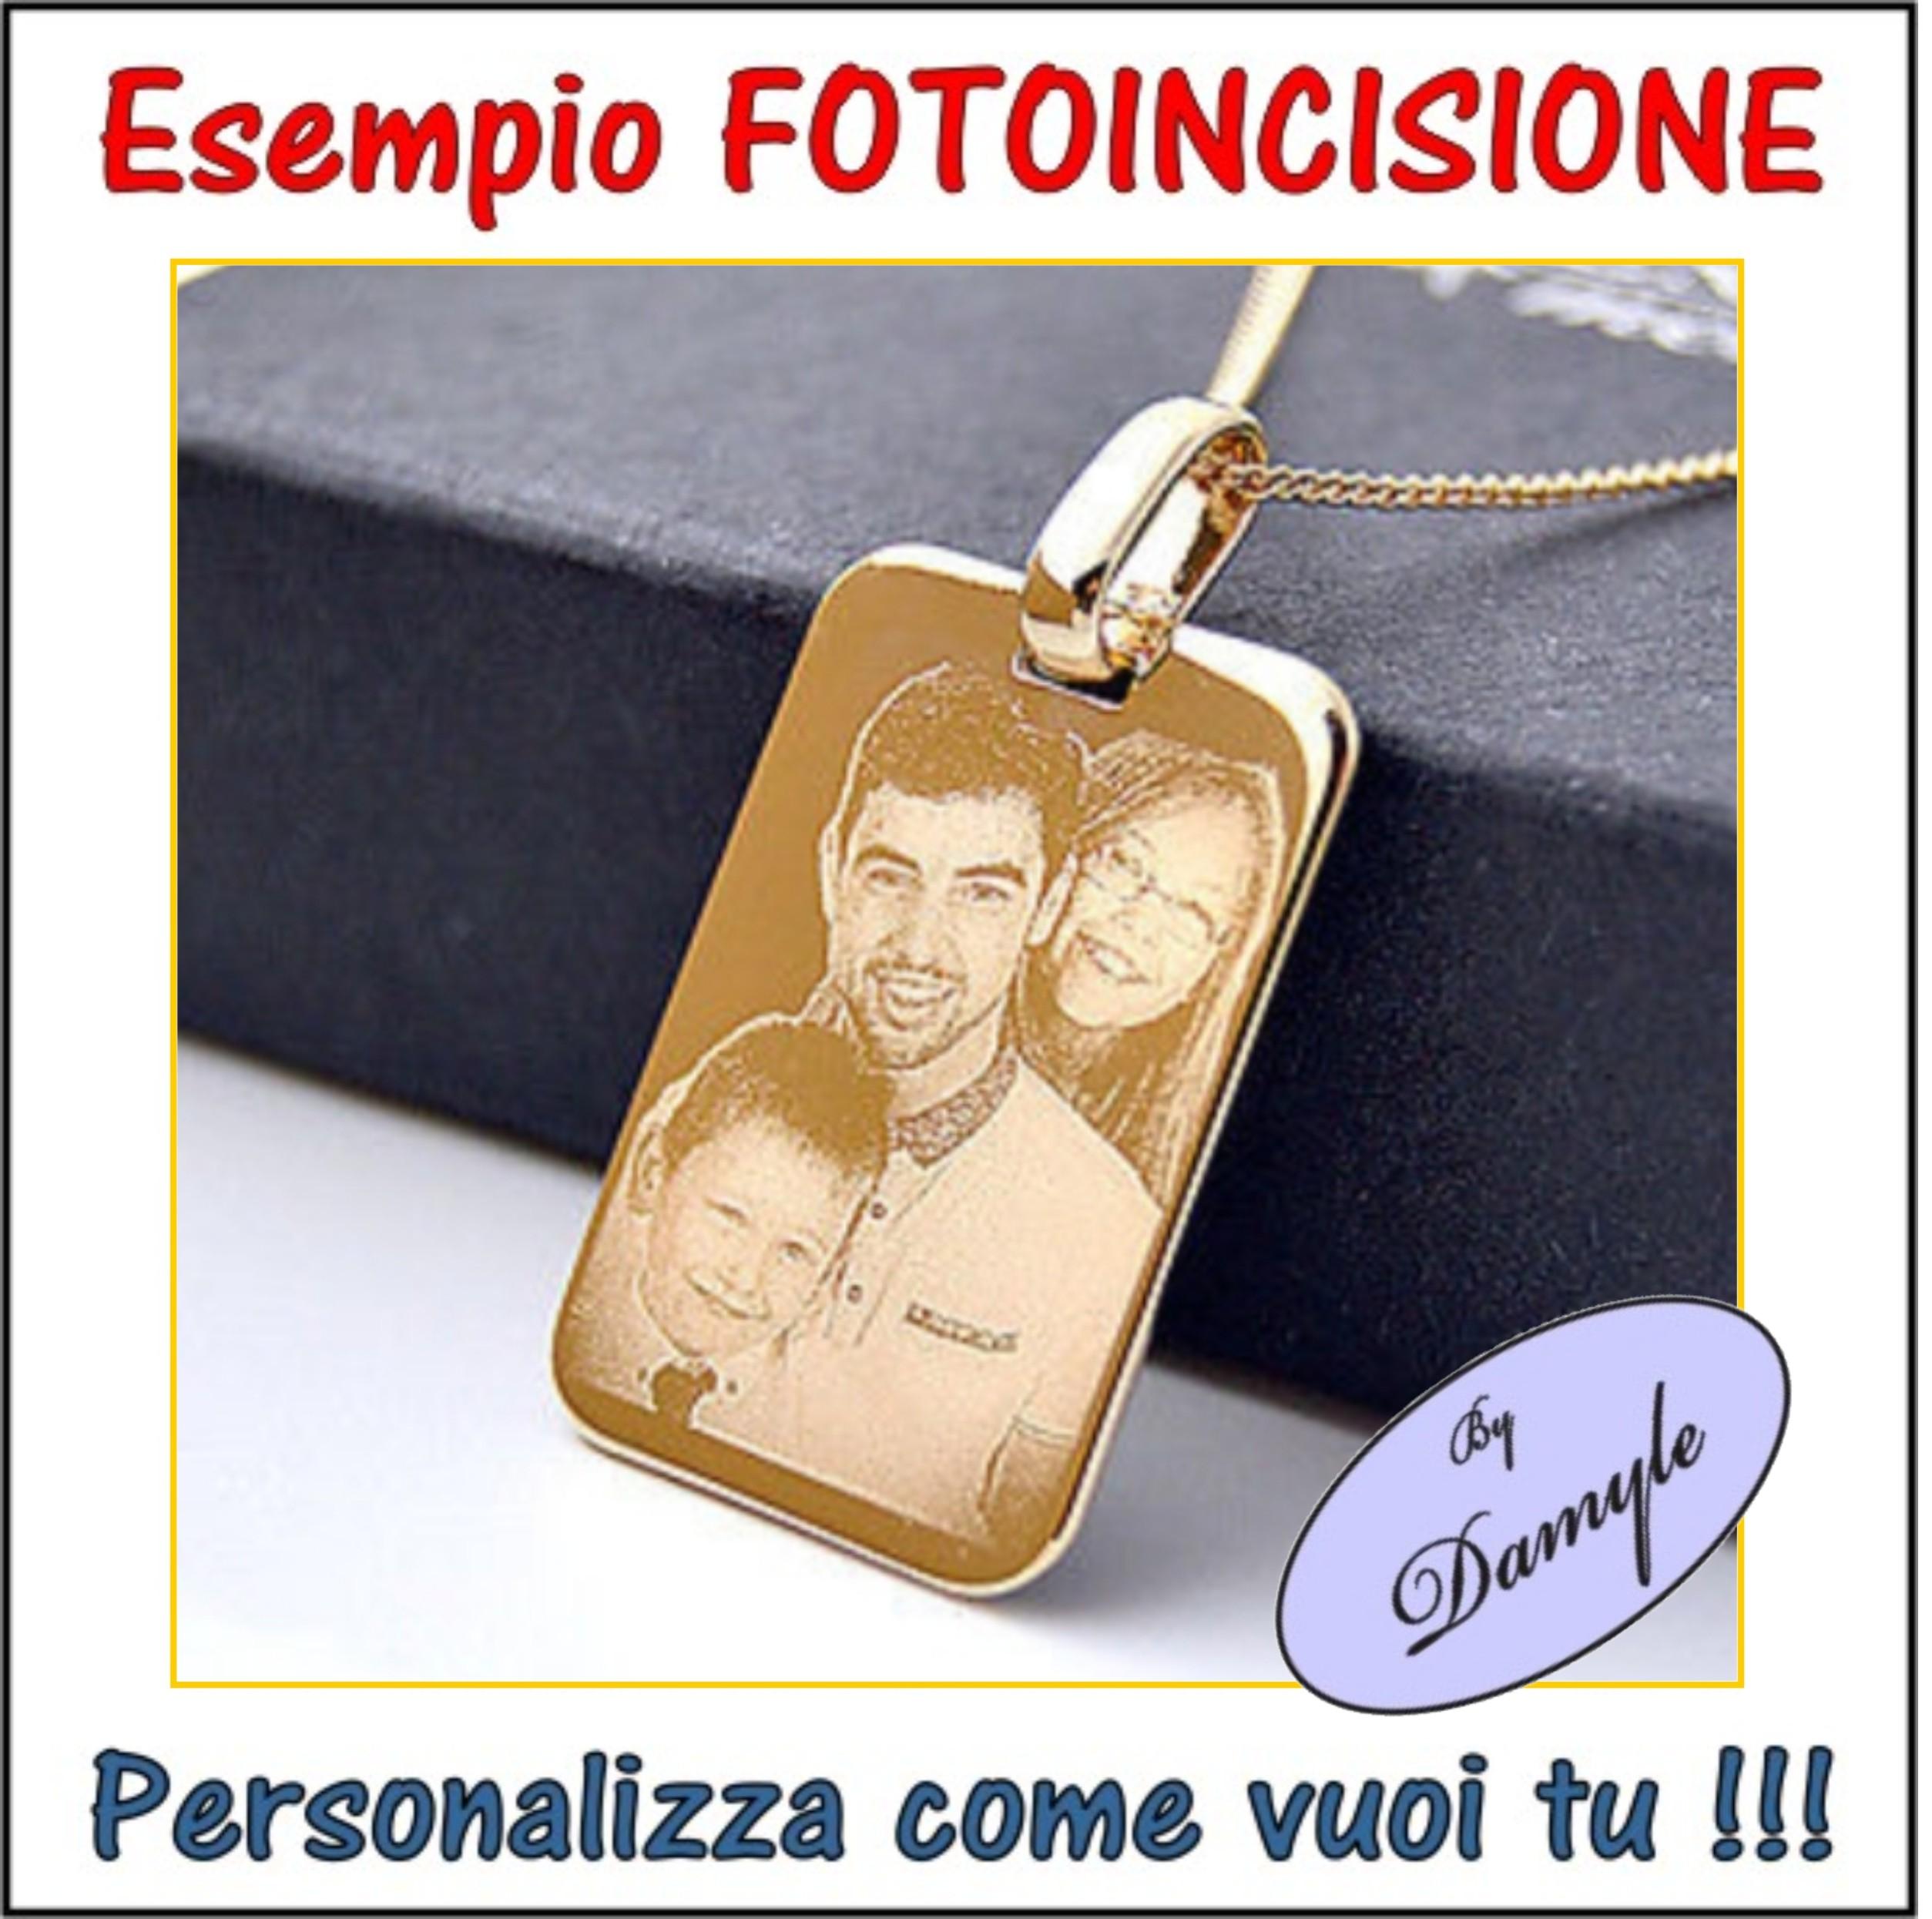 foto incisione personalizzata incidere ciondoli medaglie collane pendenti bracciali anell inciderei